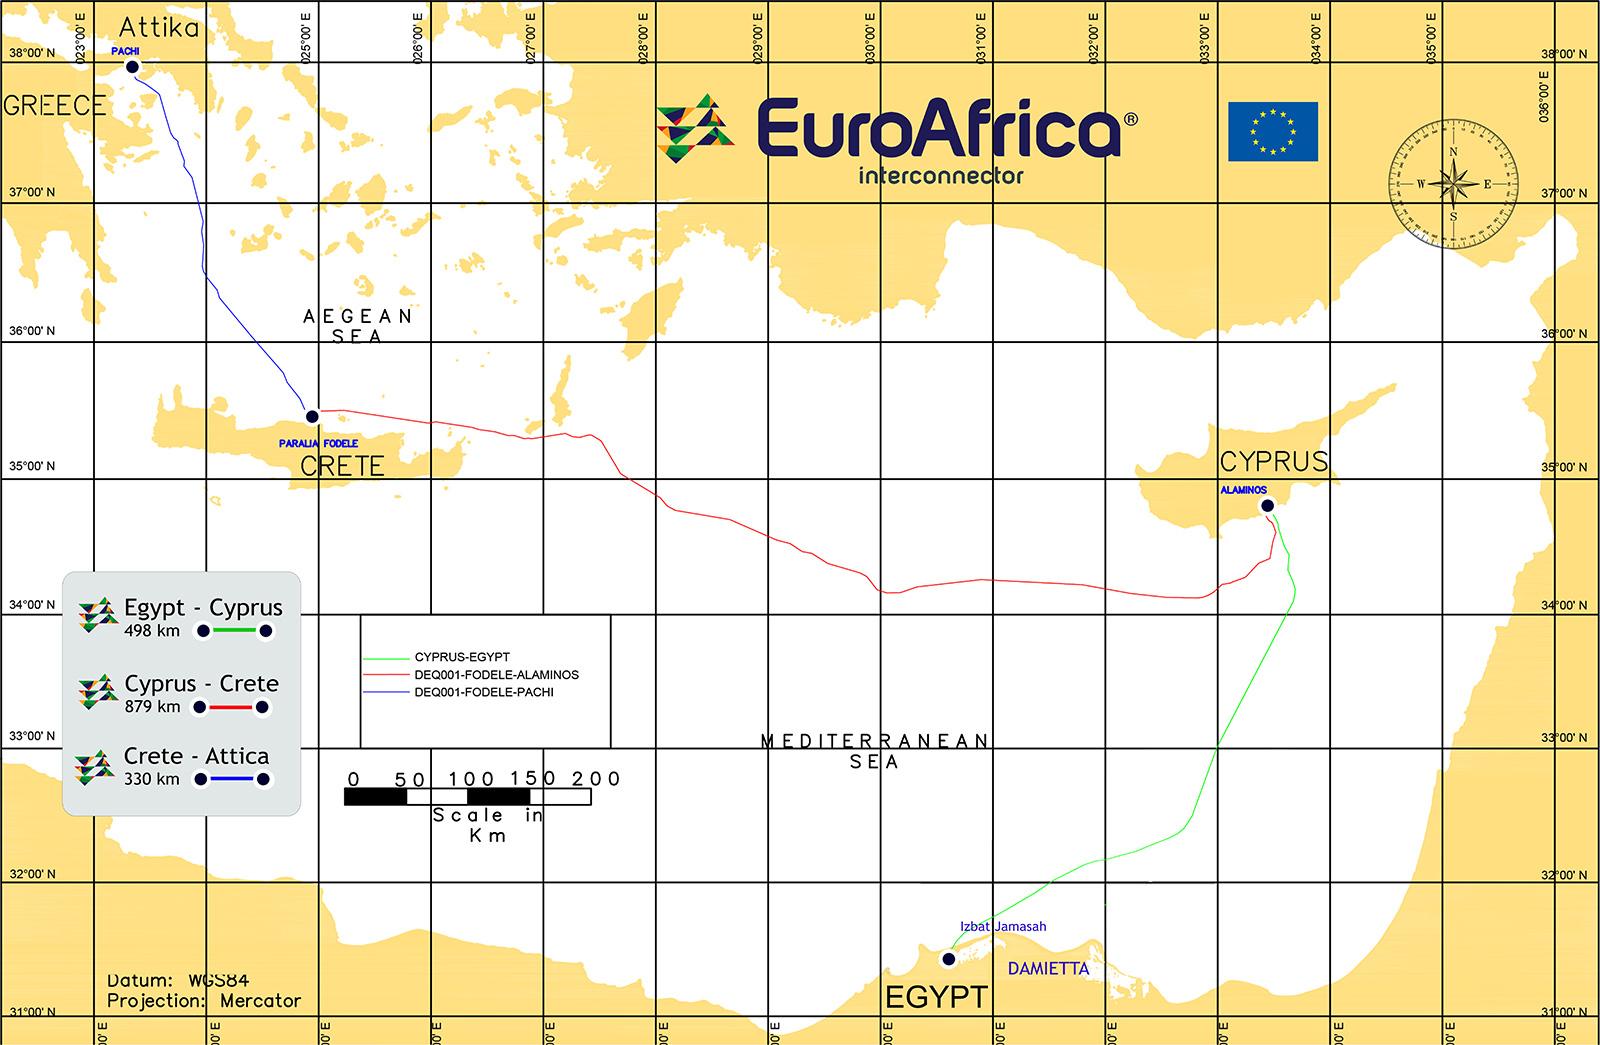 «Ηλεκτρική» διασύνδεση για Κύπρο και Αίγυπτο